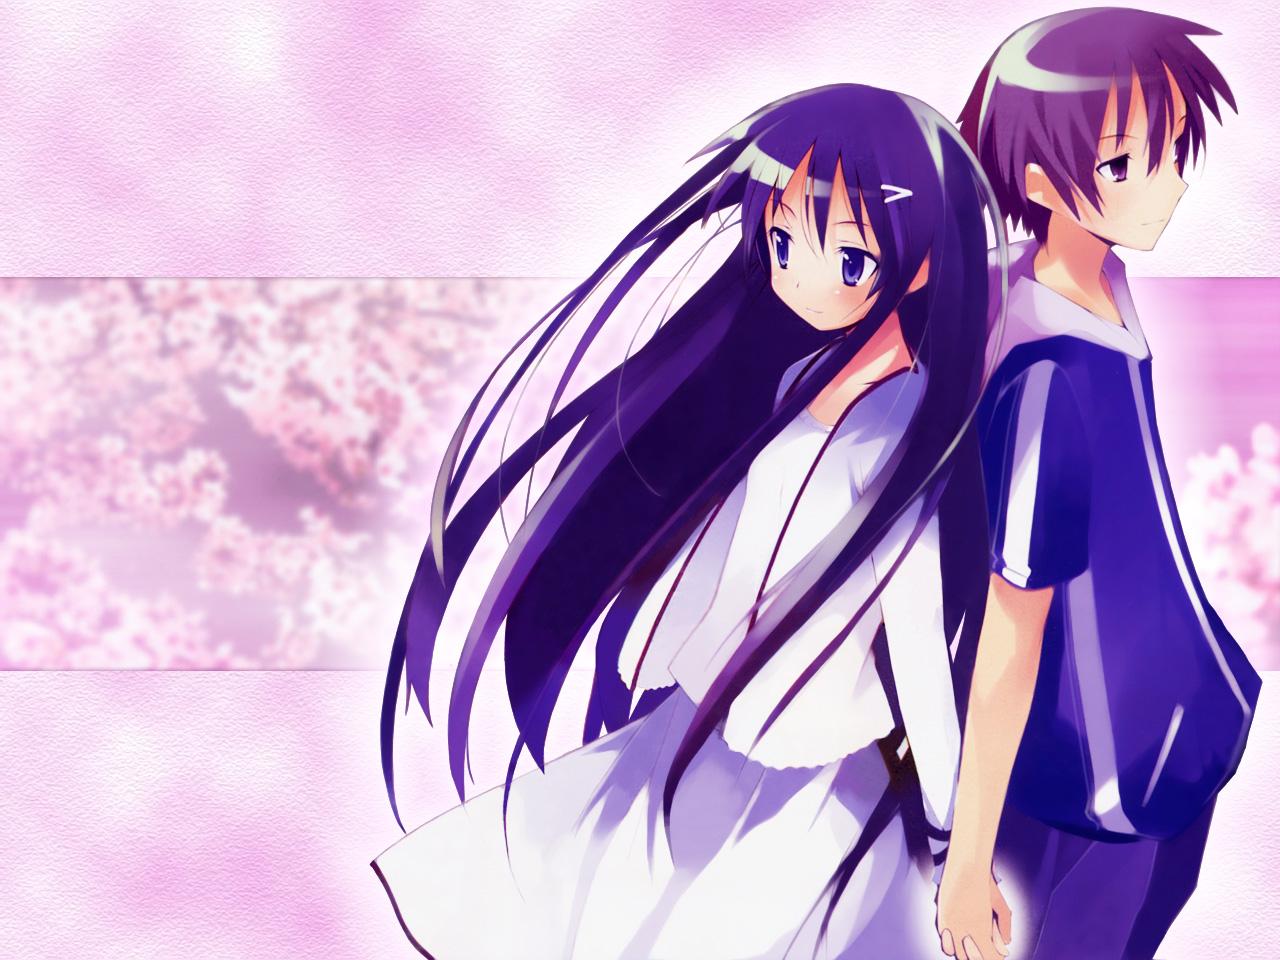 Мультфильмы онлаин смотреть бесплатно без смс - фото и видео аниме.